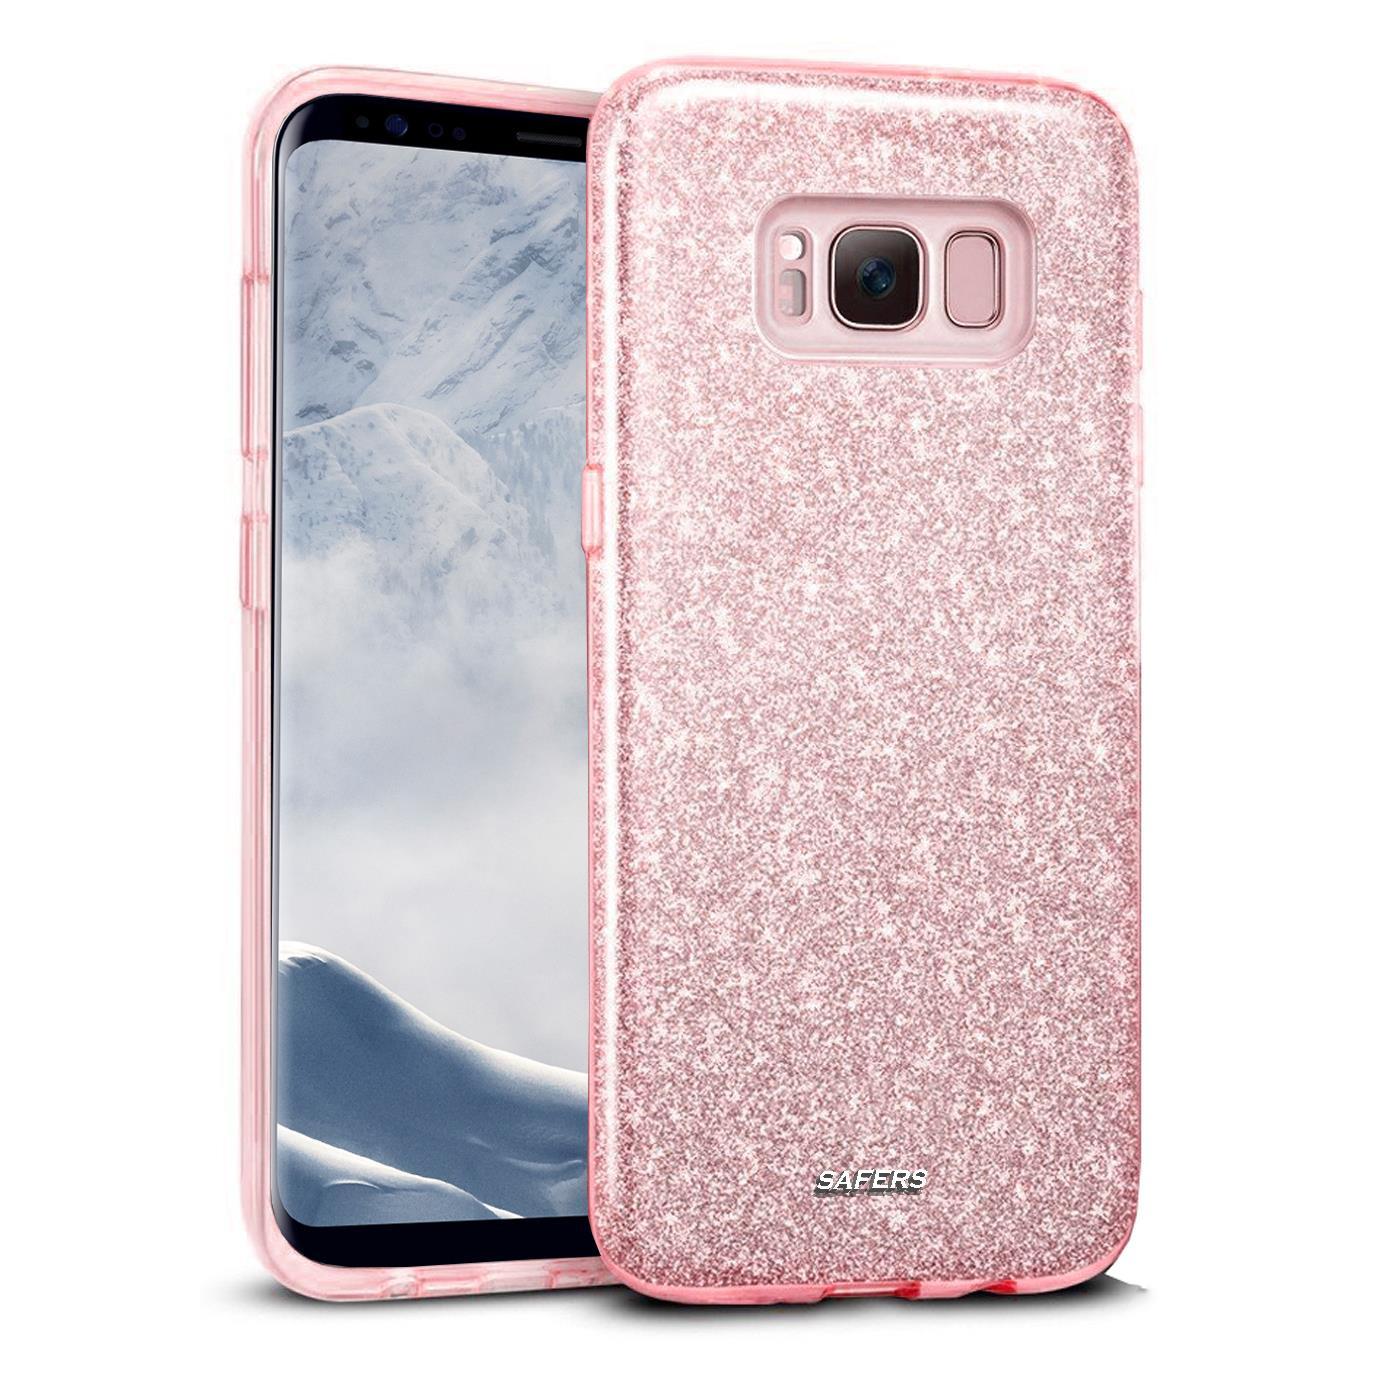 Handy-Glitzer-Huelle-fuer-Samsung-Galaxy-Slim-TPU-Cover-Case-Silikon-Schutz-Tasche Indexbild 12